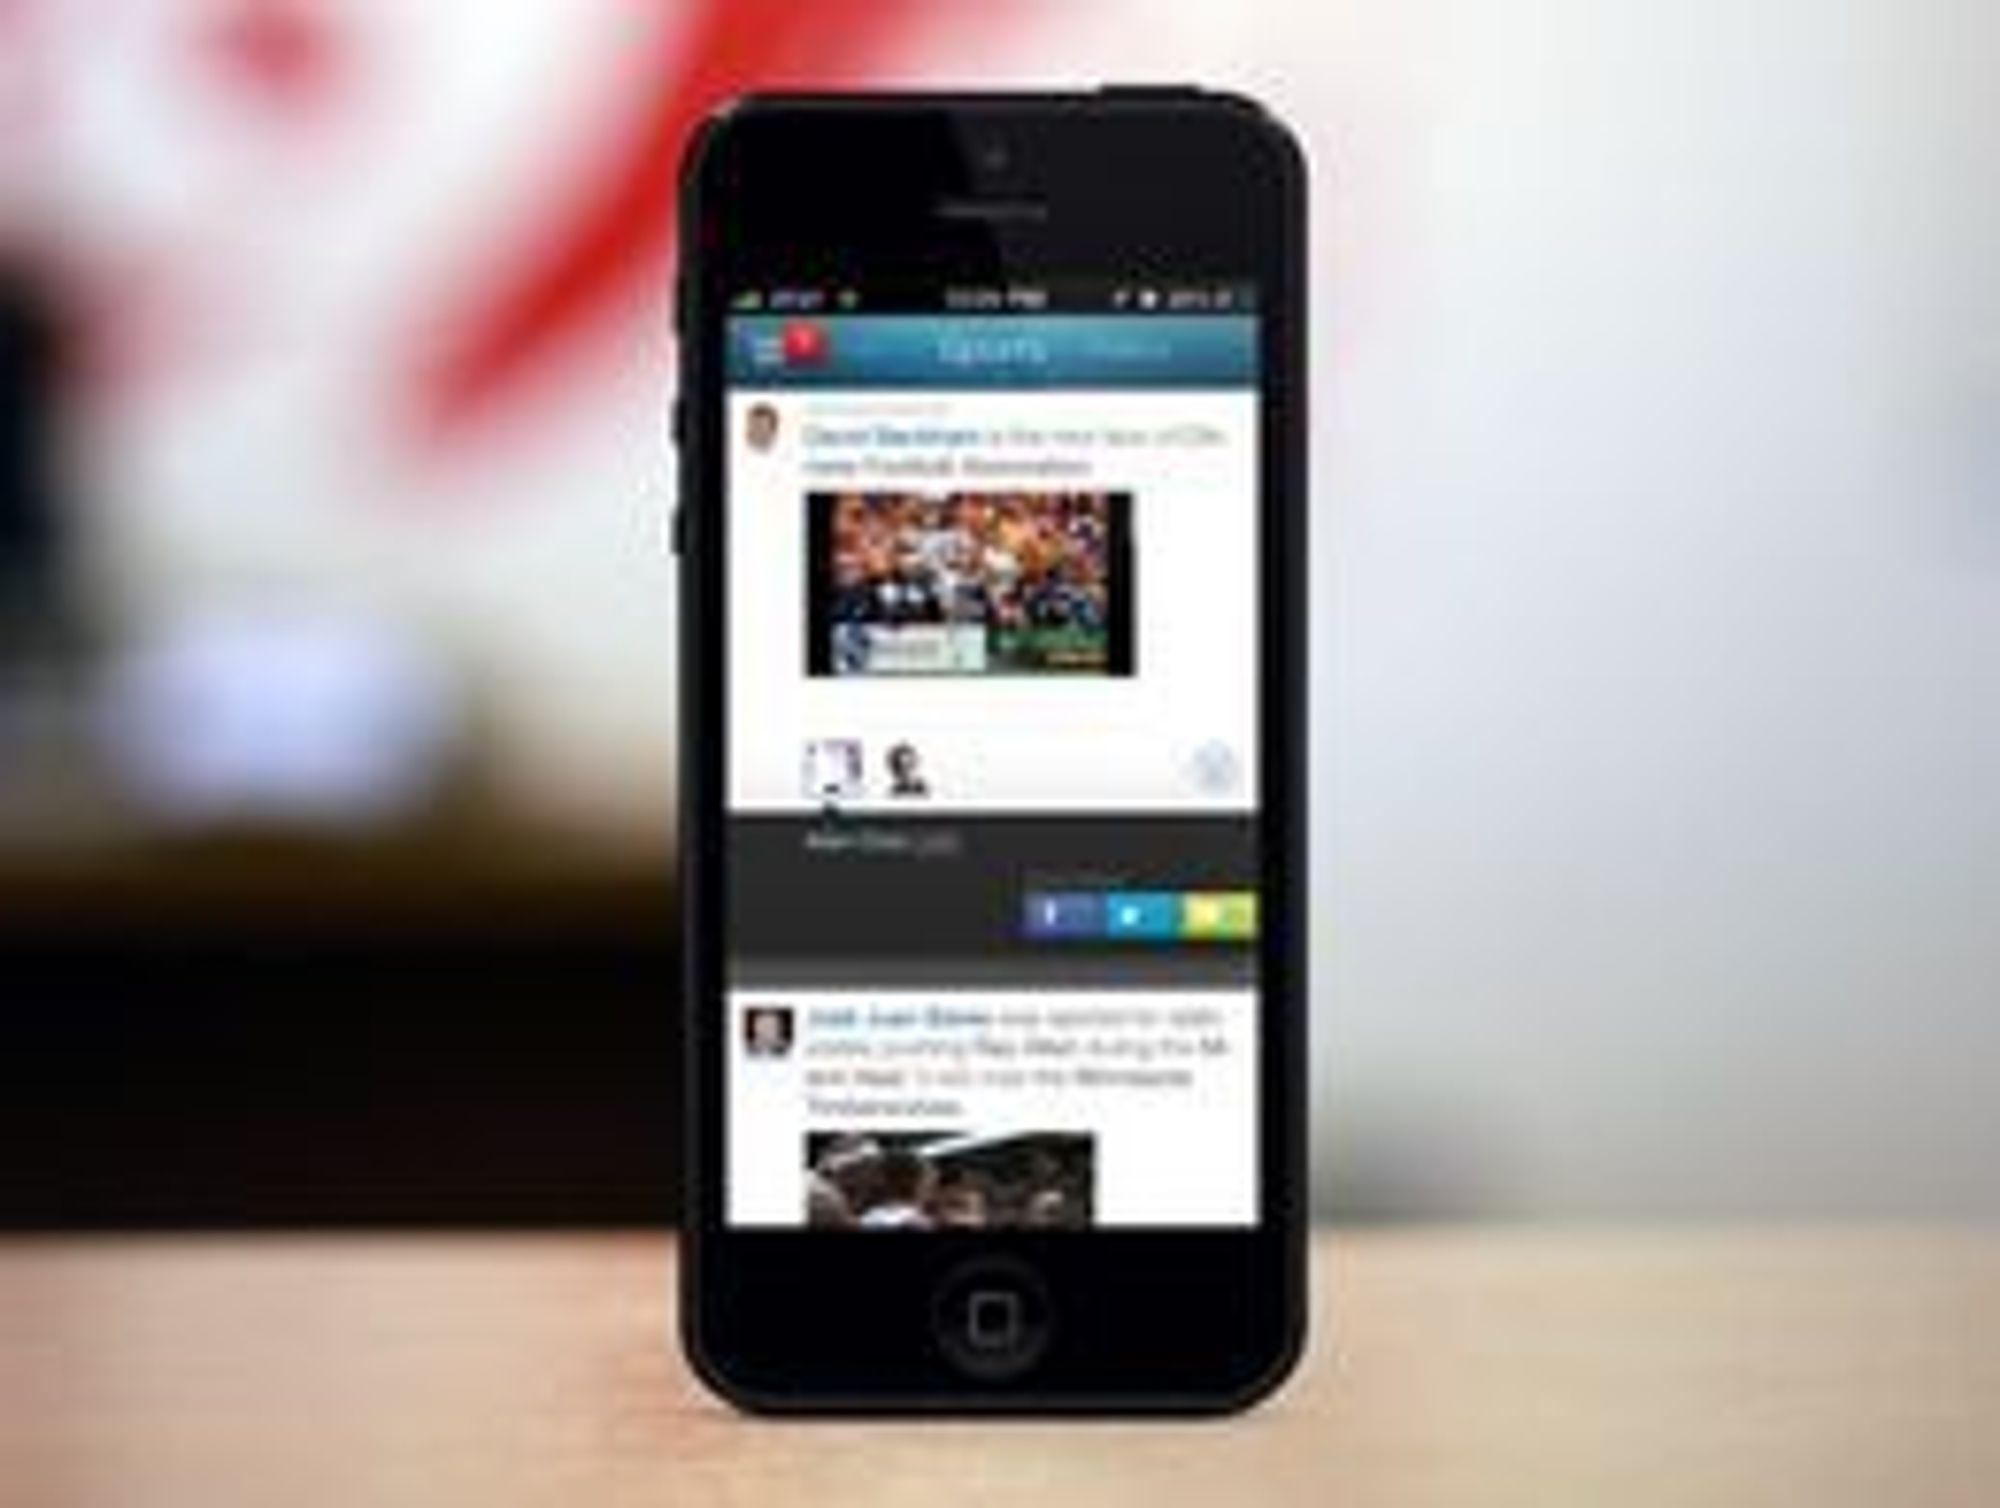 Wavii gir tilgang også til bilder og video.